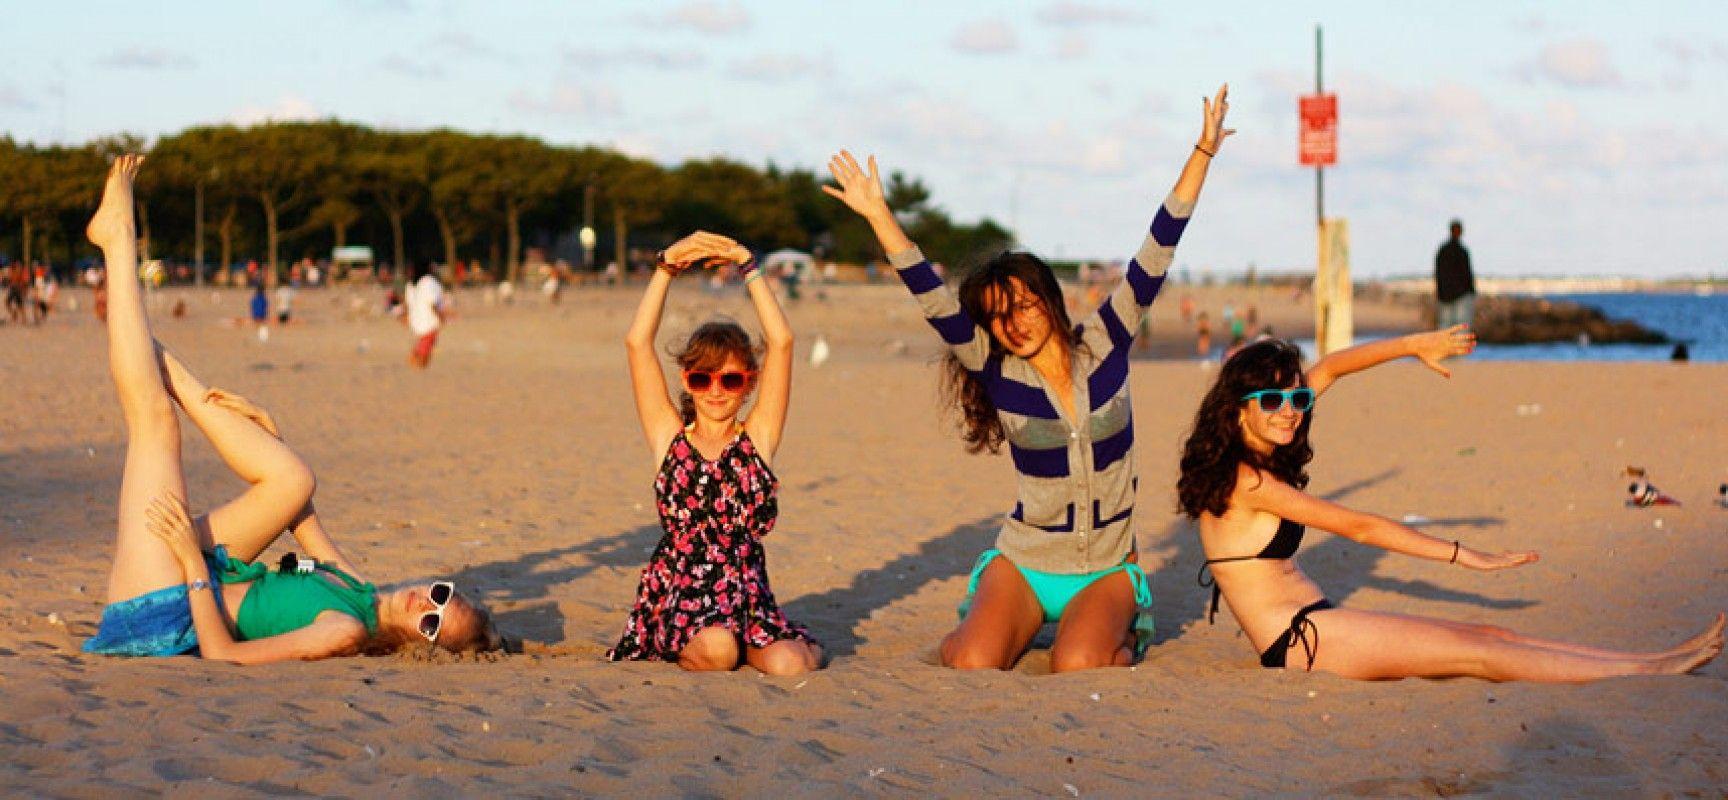 7 girls getaway weekend ideas | pinterest | girls getaway weekend